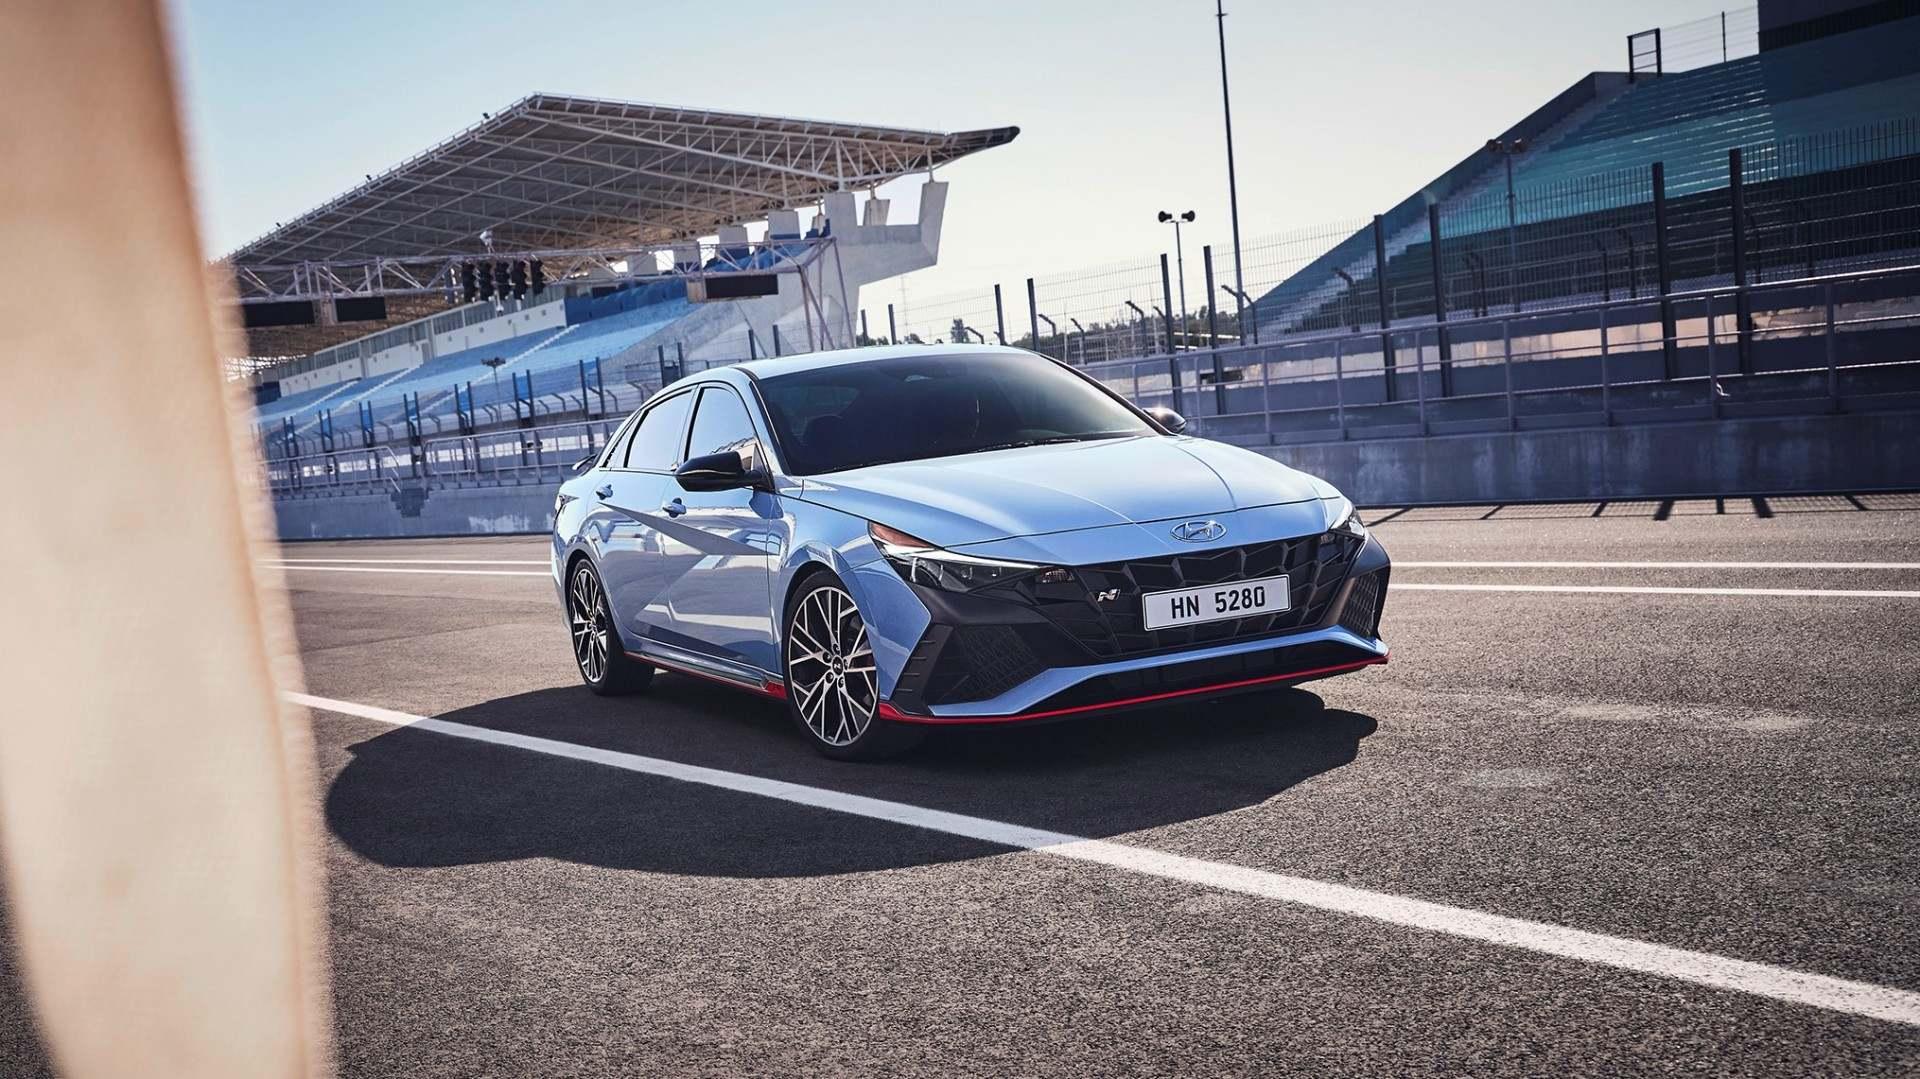 Hyundai Elantra N 2022, para ir de un punto a otro con algo más de diversión